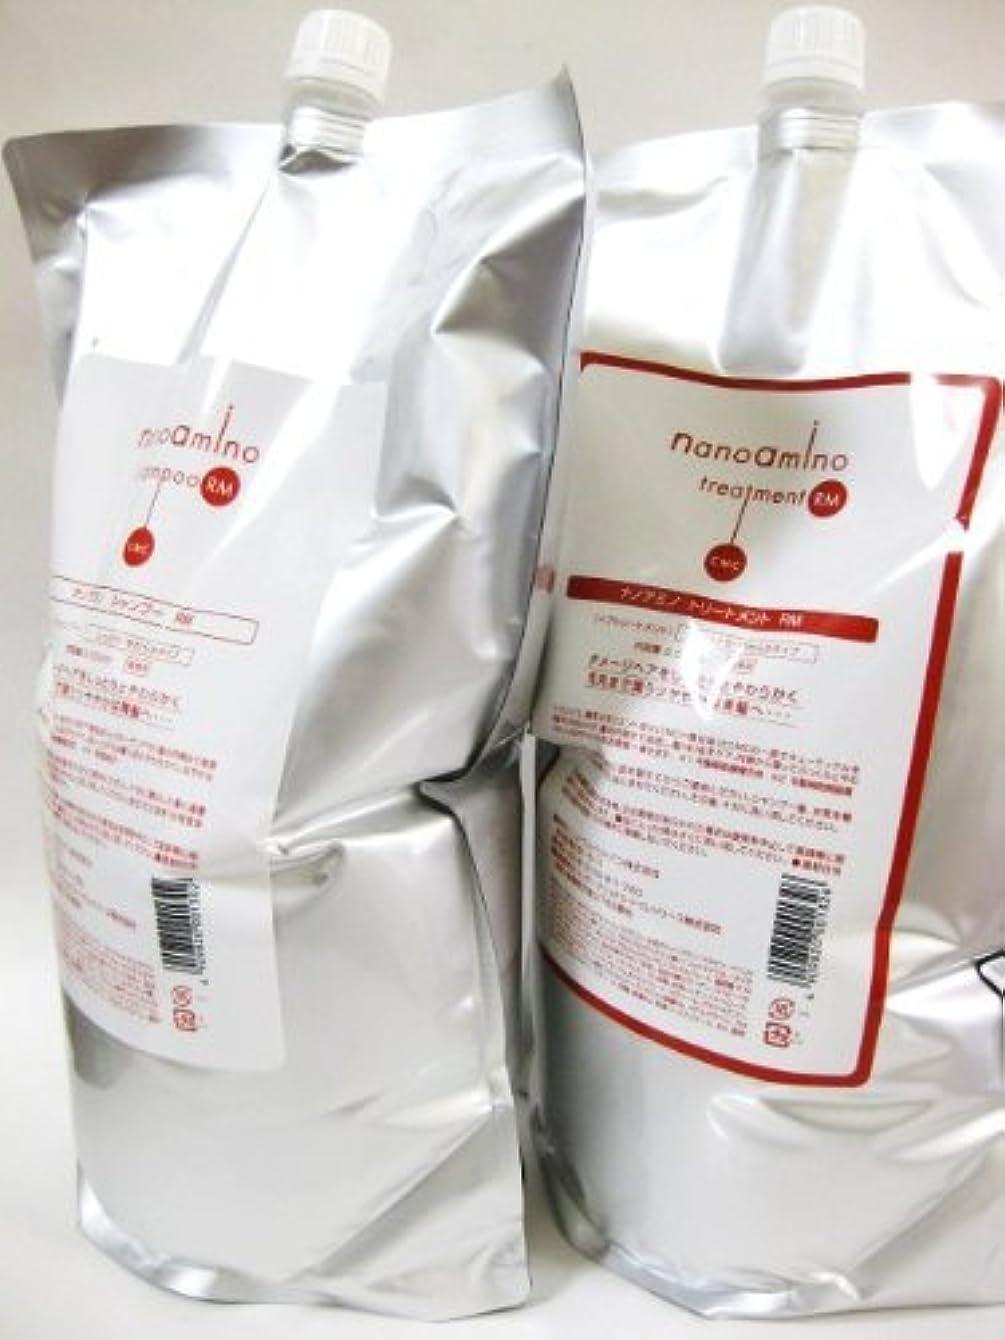 結核離す木製ニューウェイジャパン ナノアミノ RM 2500 詰替えタイプ 合わせて5キロ!![ビックサイズ]セット